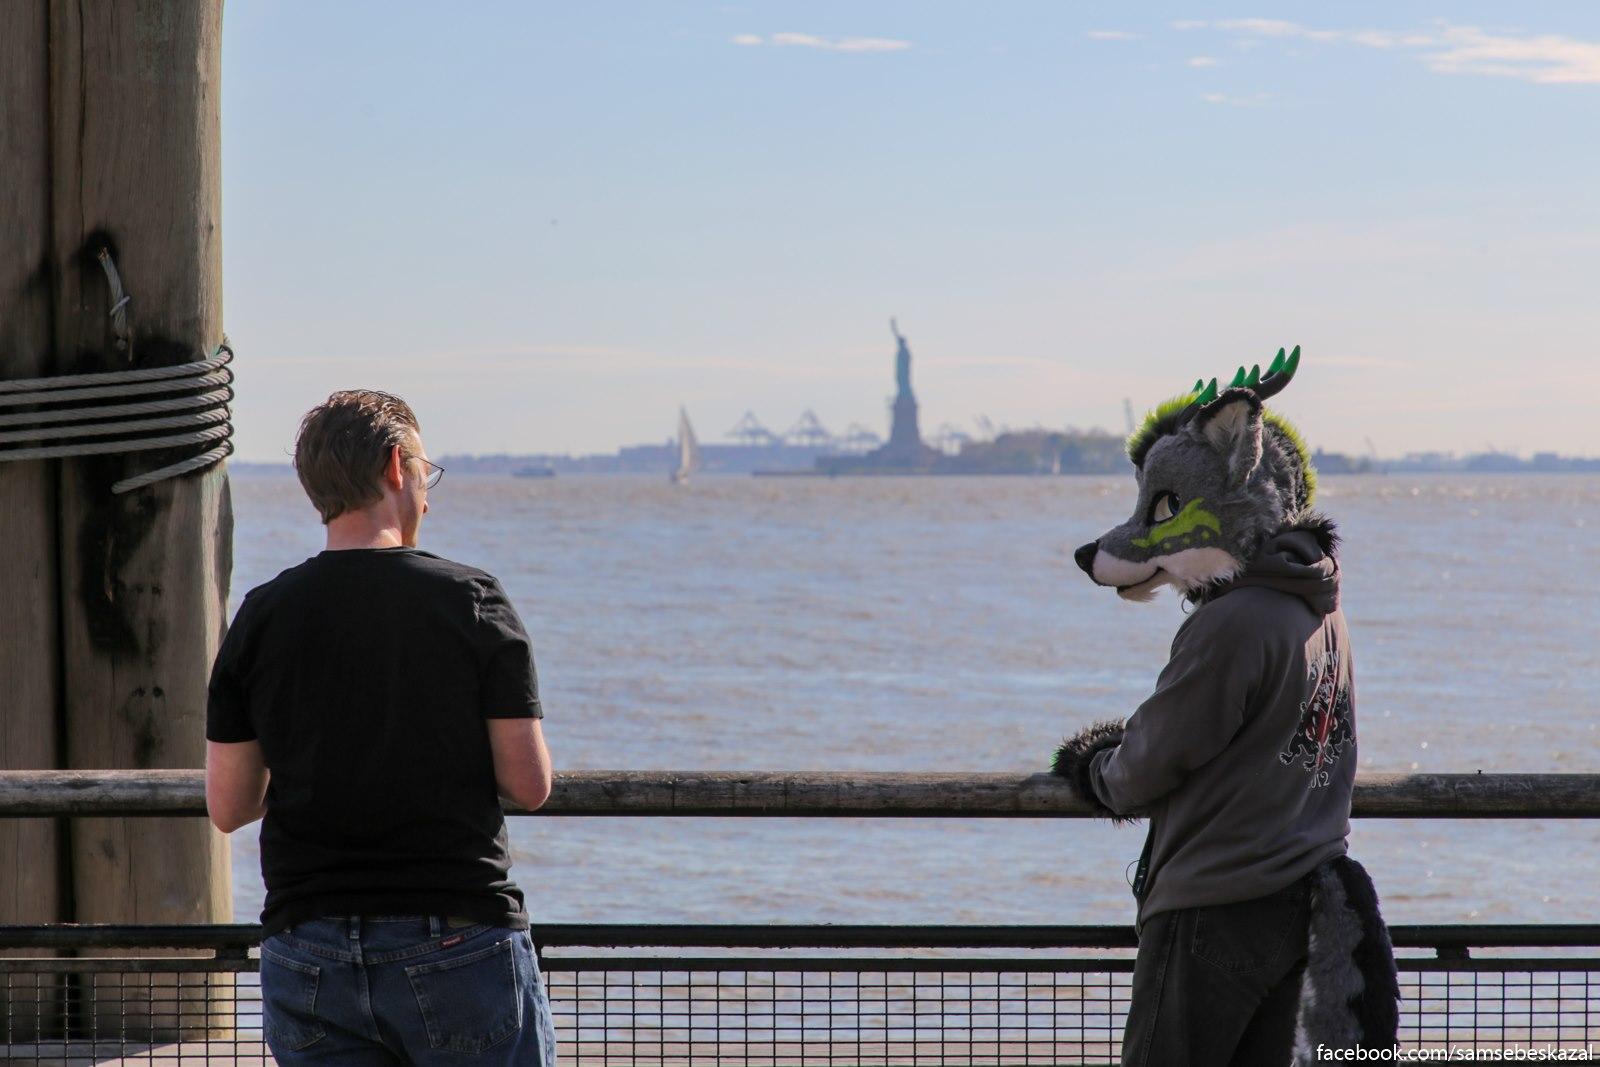 Na takoe v Nʹu-Jorke bystro perestaesʹ obrasatʹ vnimanie. Cuvak odetyj kak volk priehal na fotoset s vidom na Statuu Svobody.